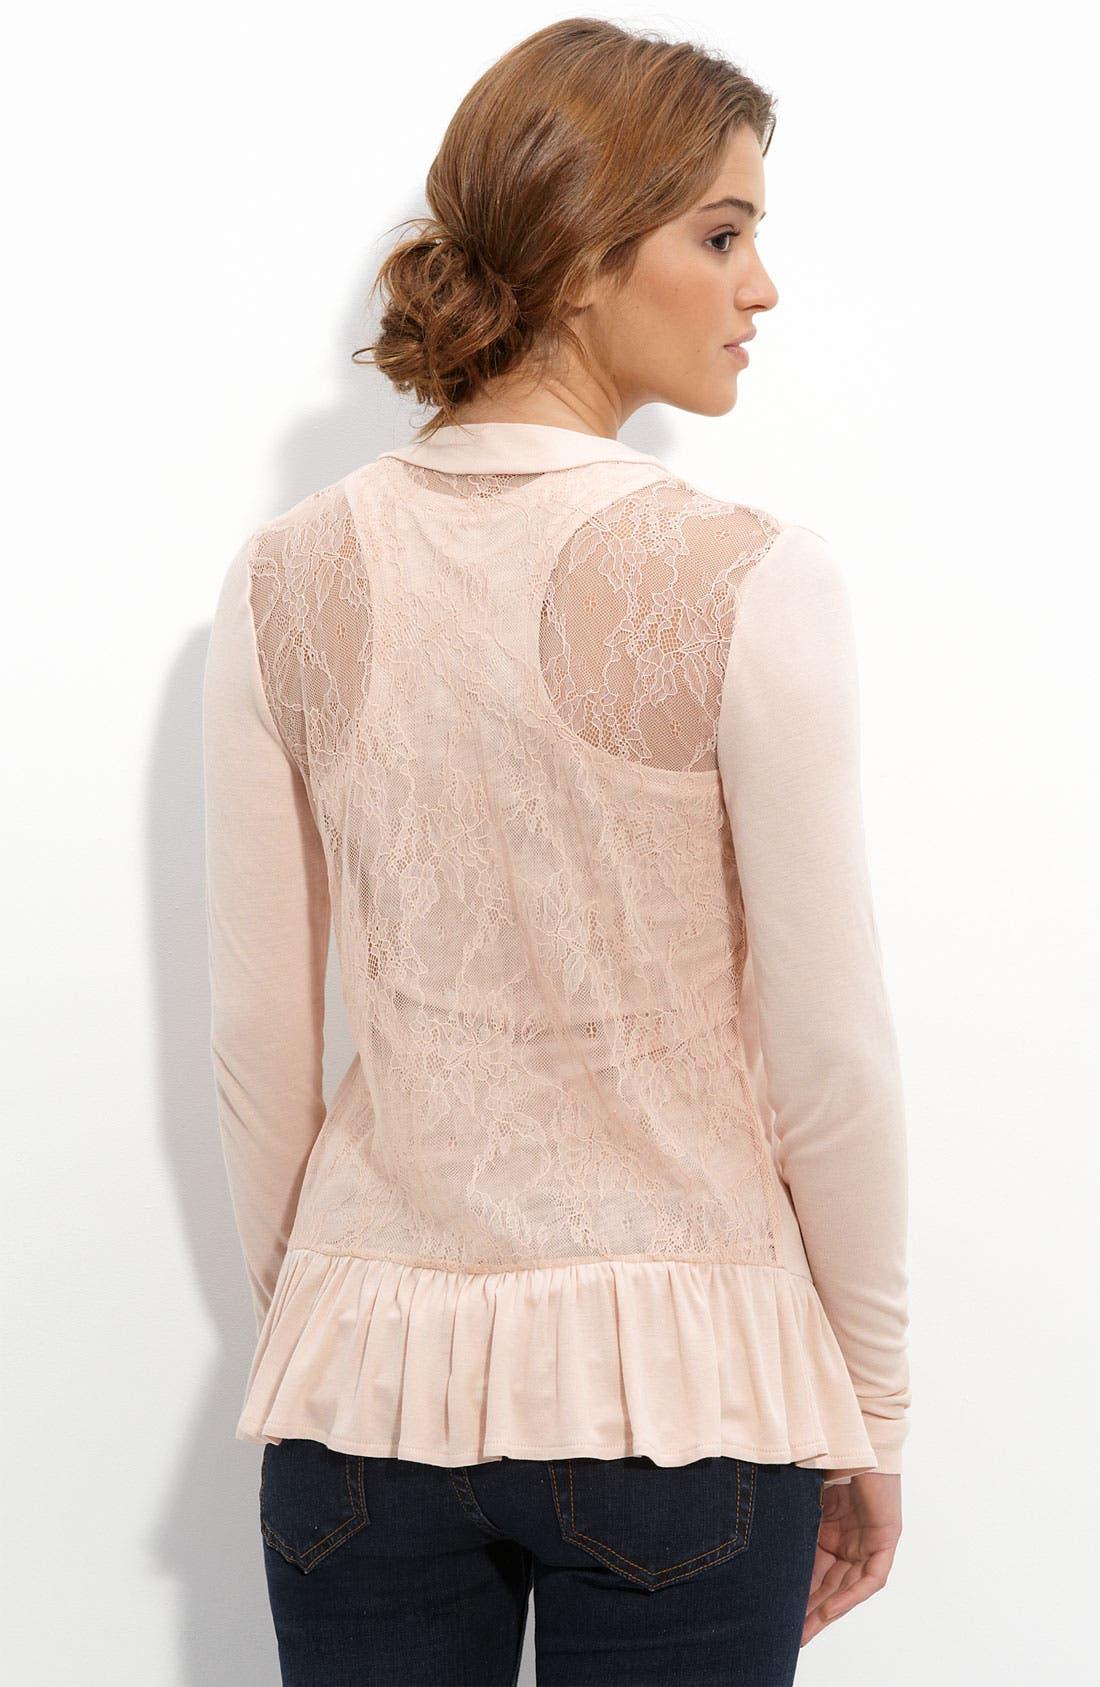 Main Image - Frenchi® Lace Back Cardigan (Juniors)